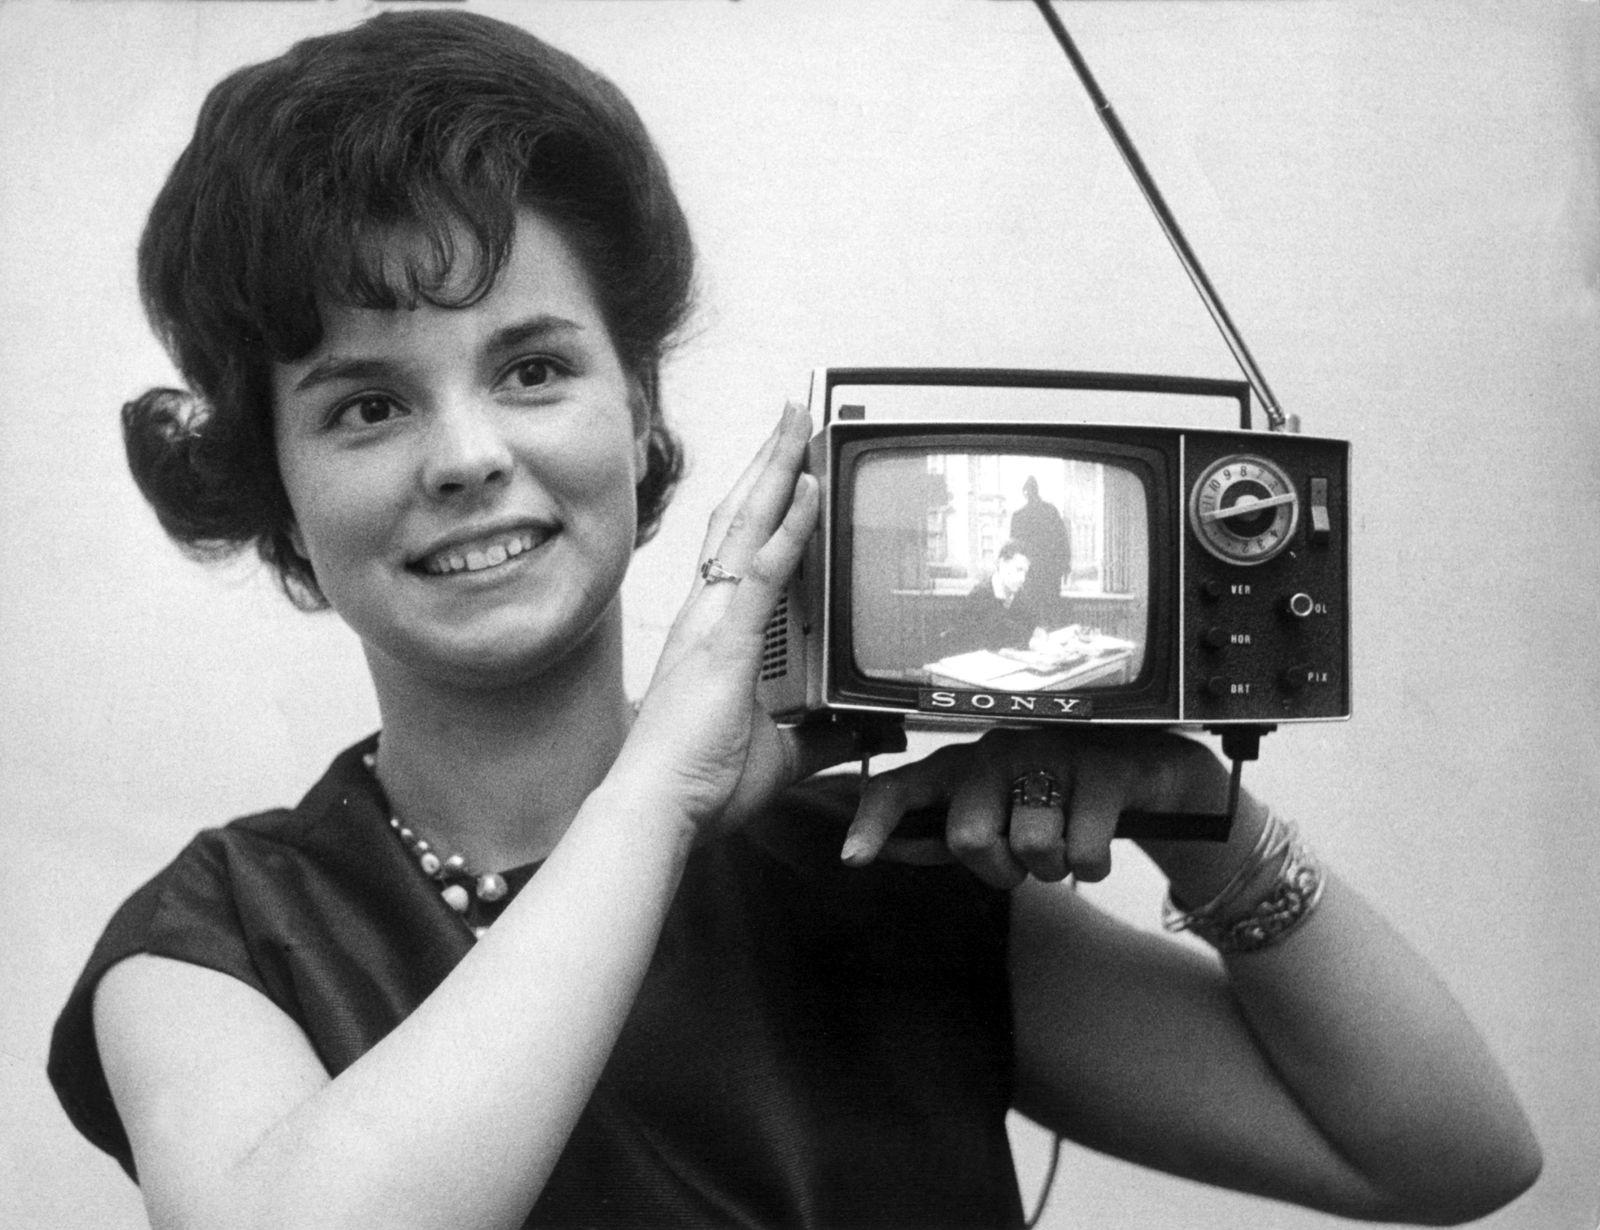 KaSP Funkausstellung - Transistorfernseher von 1963